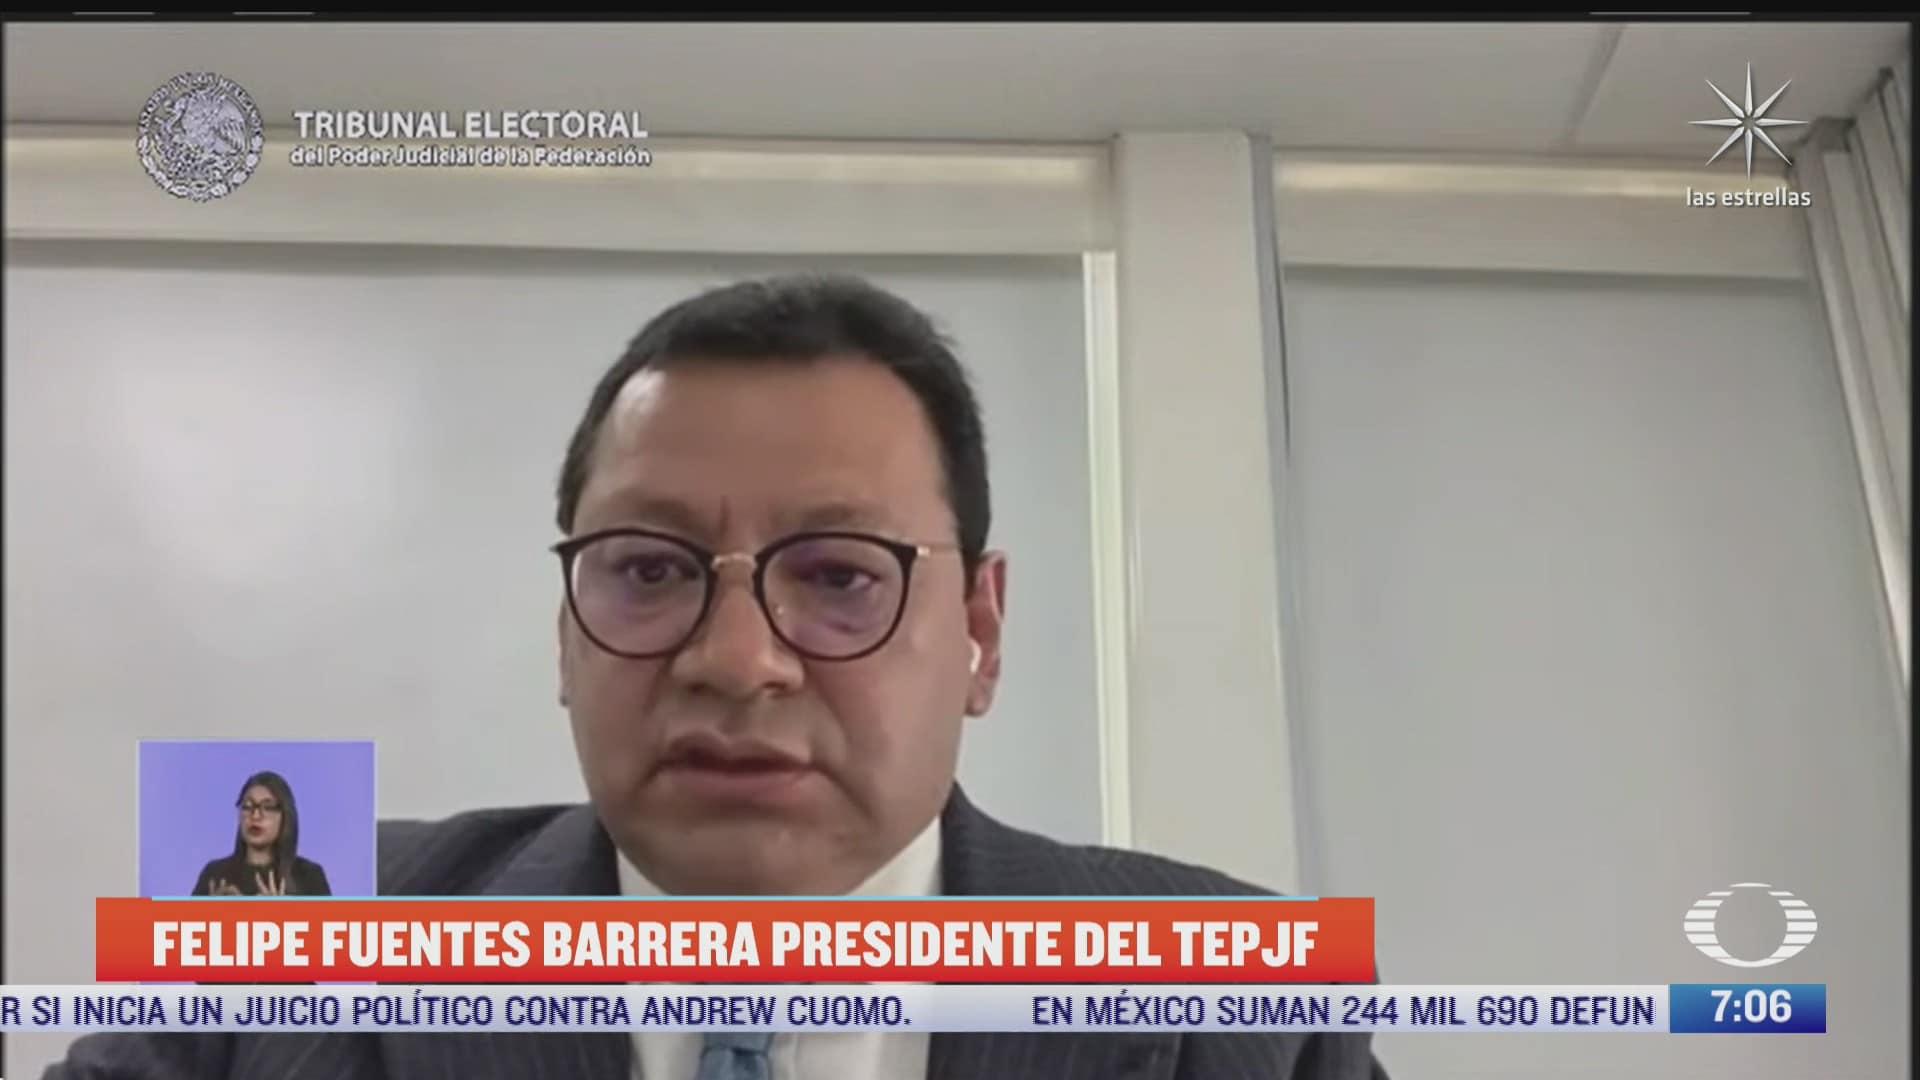 nombran a felipe alfredo fuentes barrera presidente del tepjf